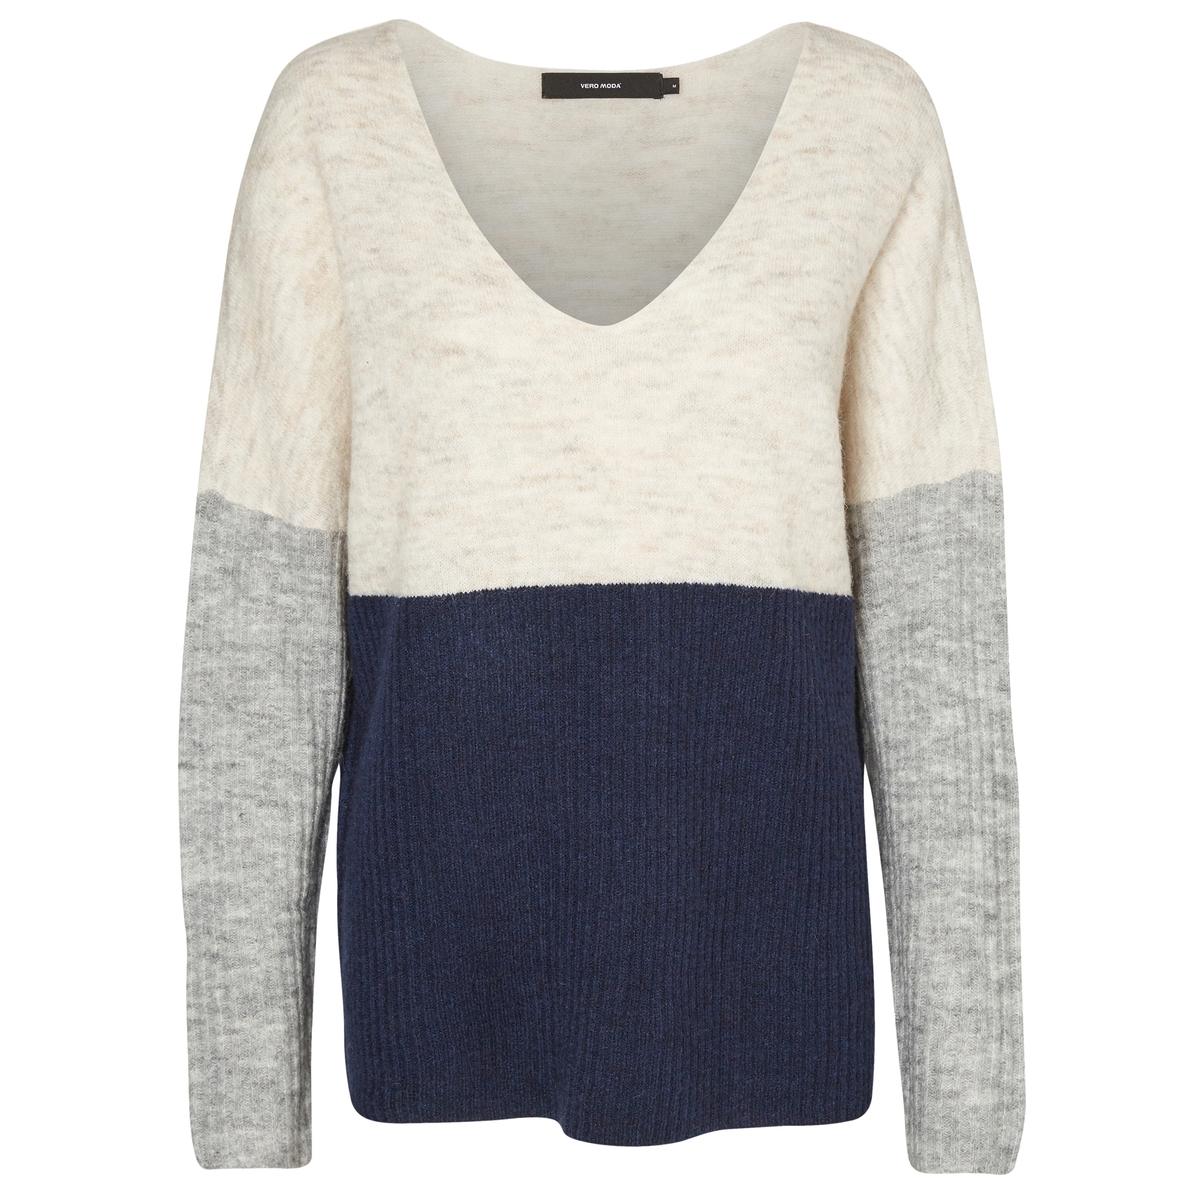 купить Пуловер из тонкого трикотажа с V-образным вырезом по цене 1679.2 рублей